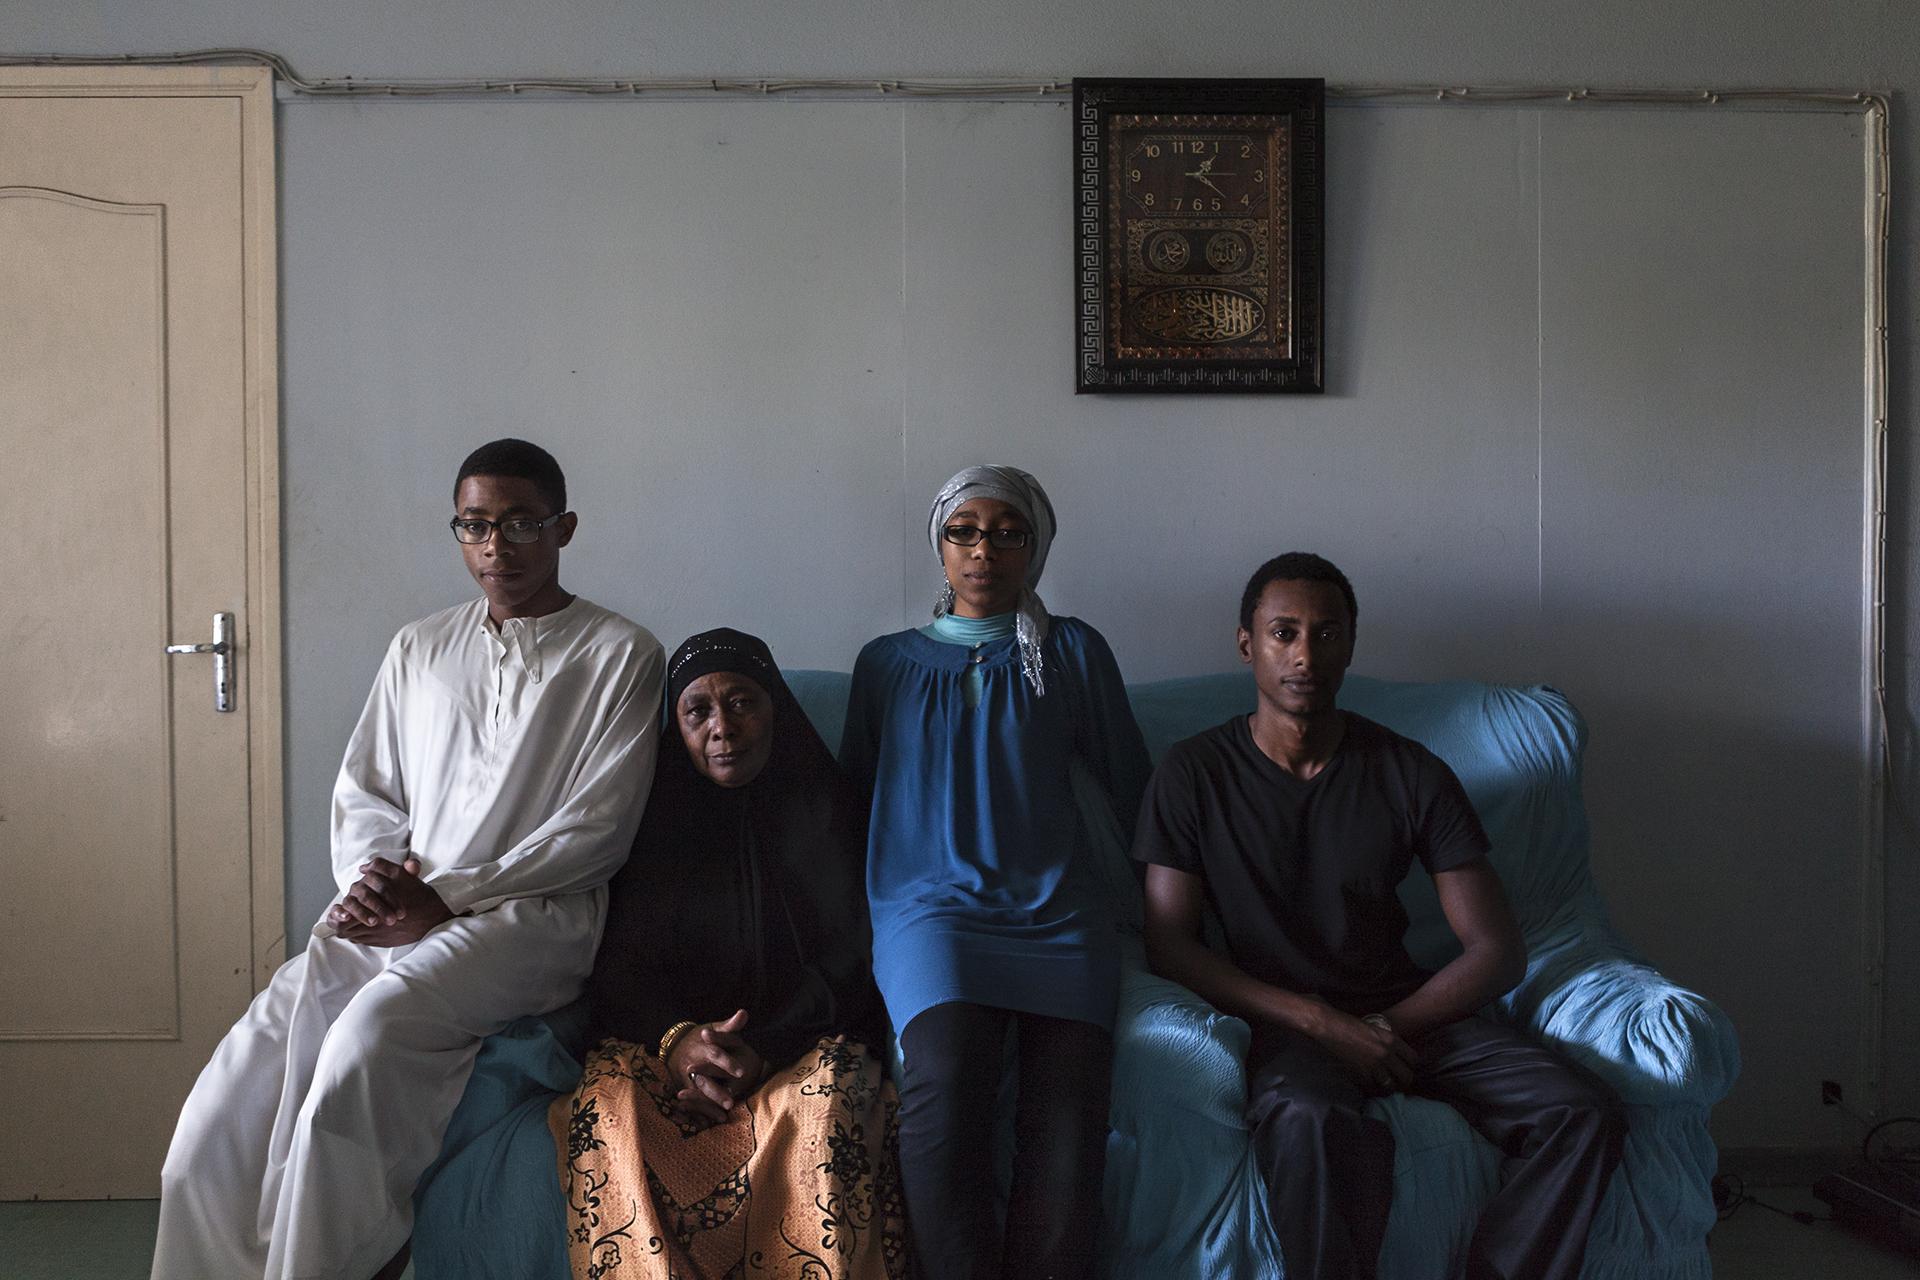 Famille portoise vivant dans le quartier de la ZAC. Se revendiquant d'un quartier difficile cela n'a pas empêché que tous les enfants de cette famille fassent actuellement de grandes études. Certains sont partis en France pour poursuivre un cursus supérieur.